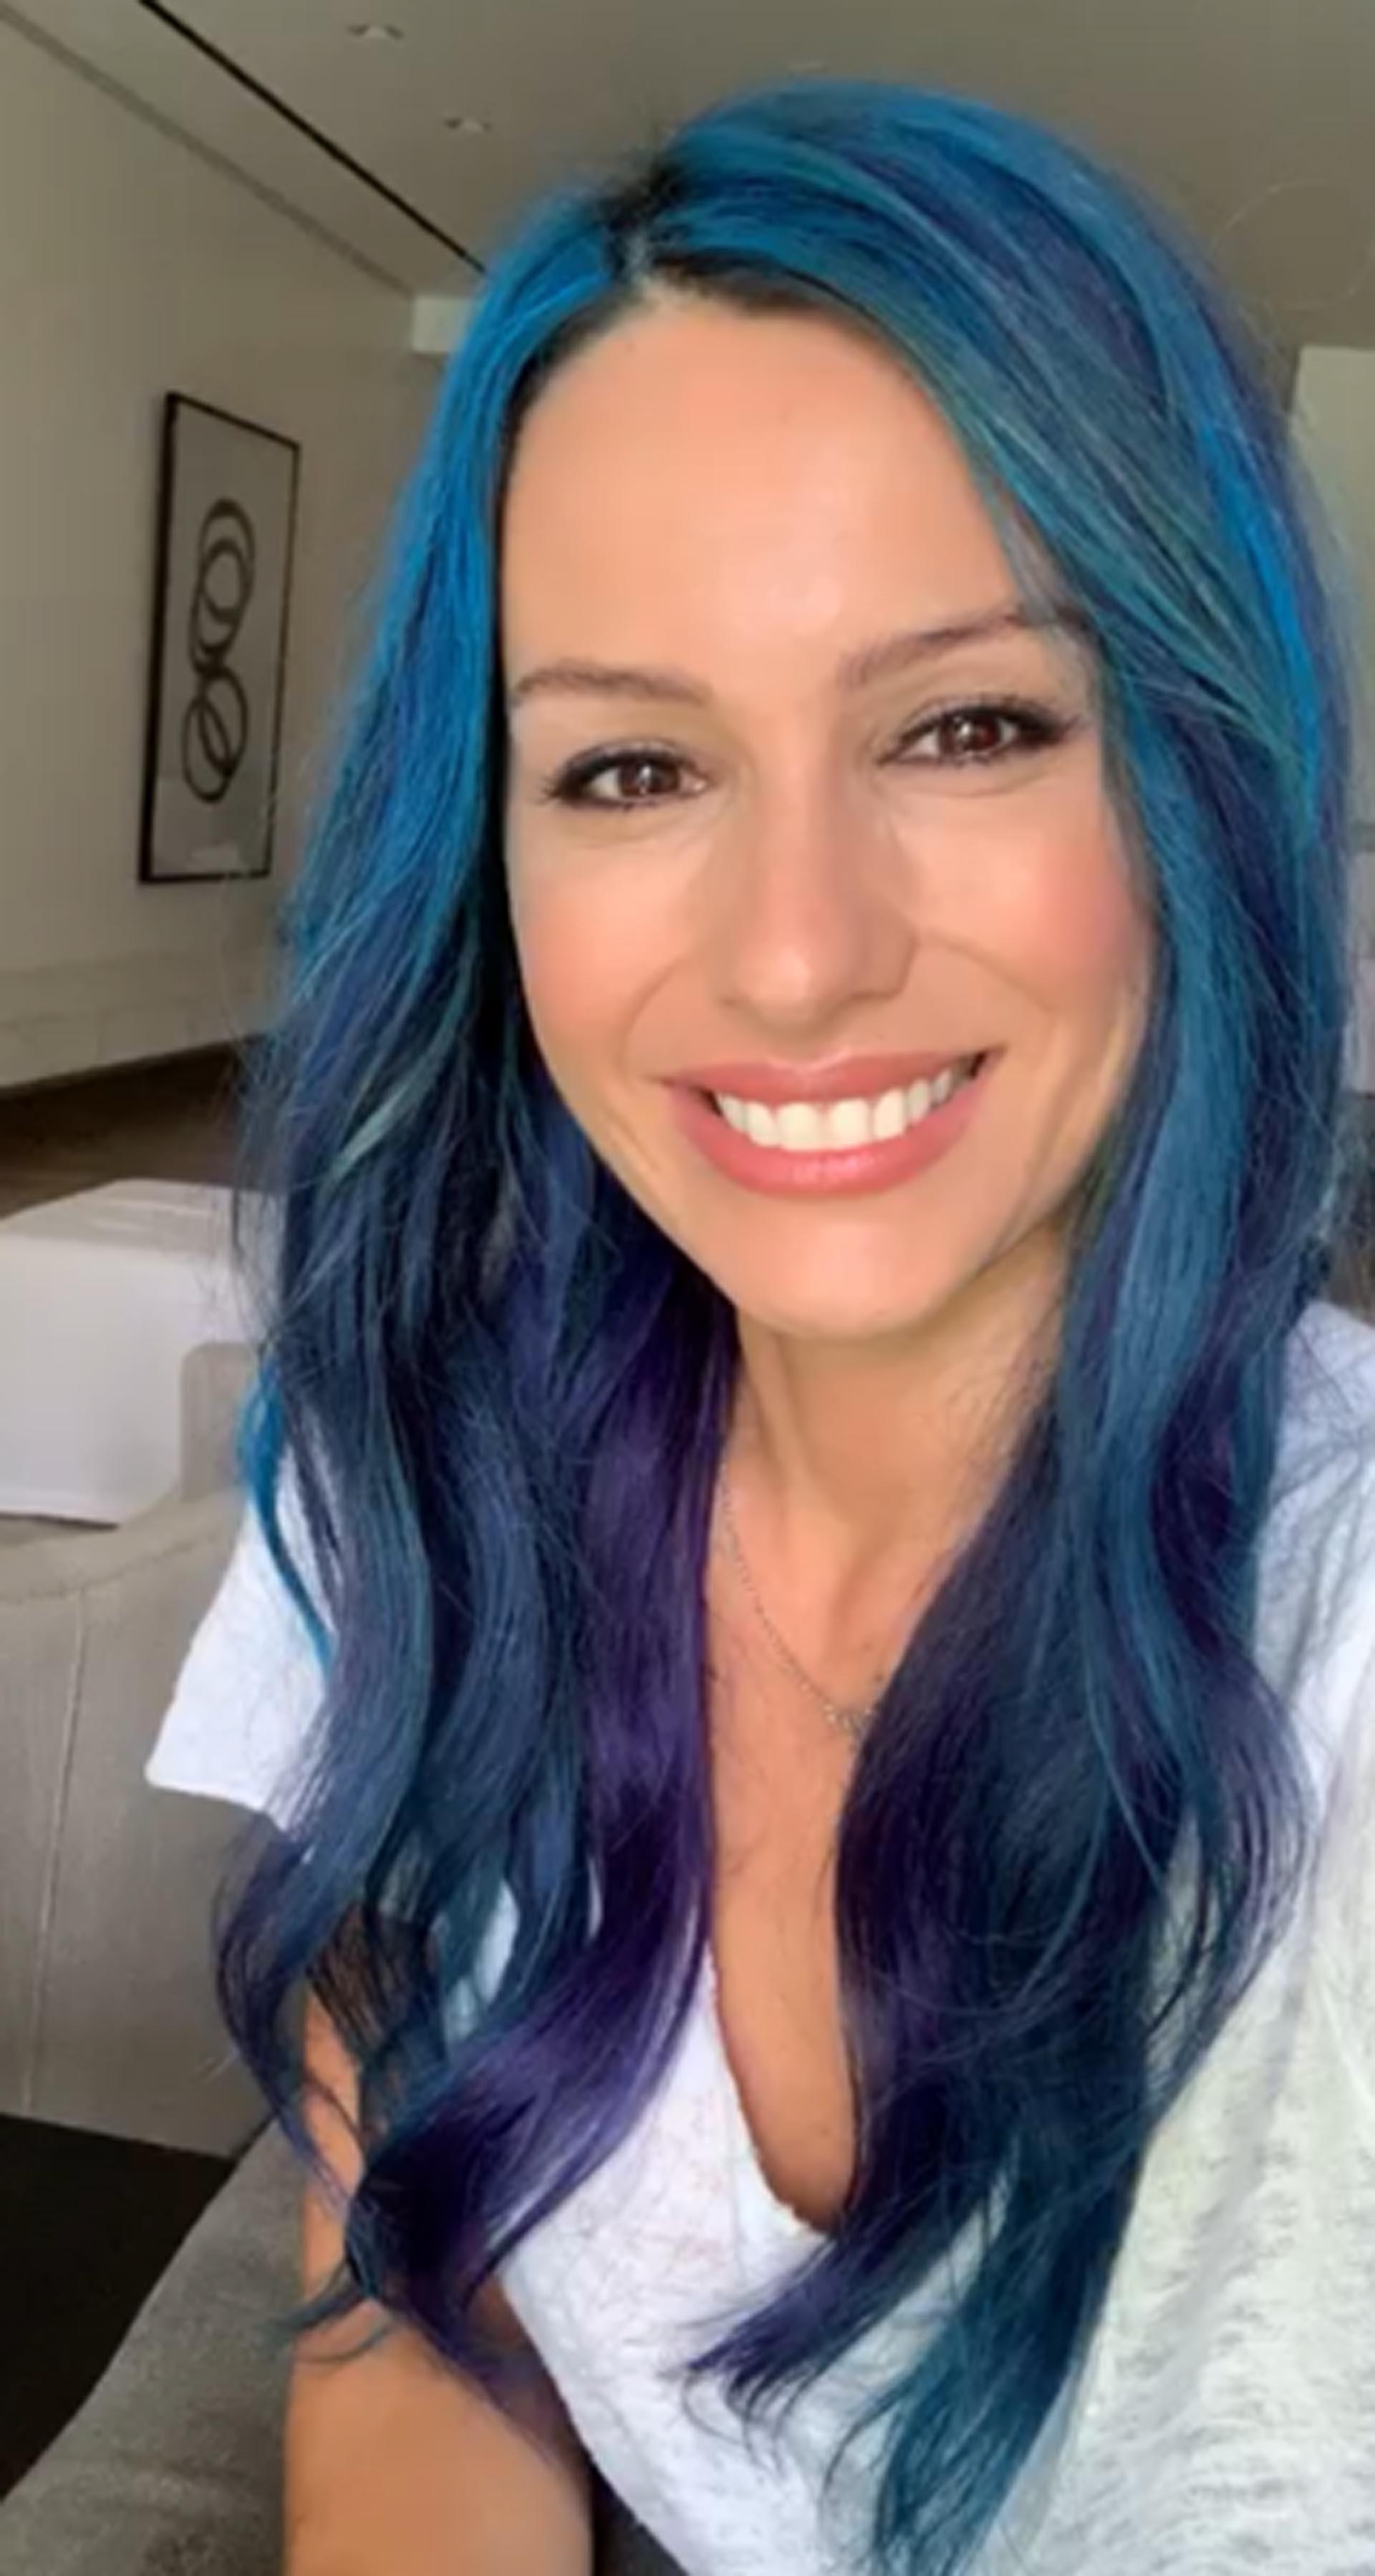 Pampita sorprendió en la televisión con un nuevo look: se tiñó el pelo de azul. La modelo confesó que una de las causas por las que decidió cambiar el color de su cabello fue para apoyar una campaña mundial contra la contaminación del agua en el planeta